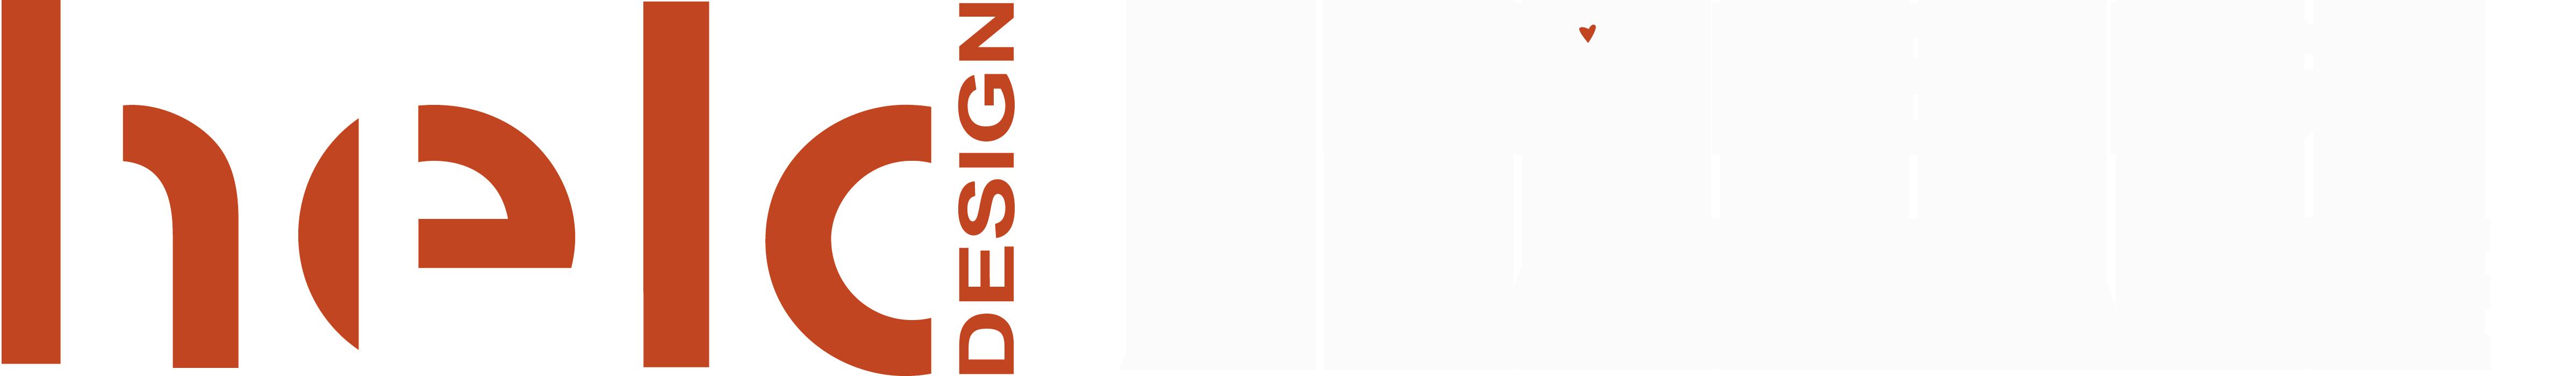 Logo der CHI Design Akademie und Held Design